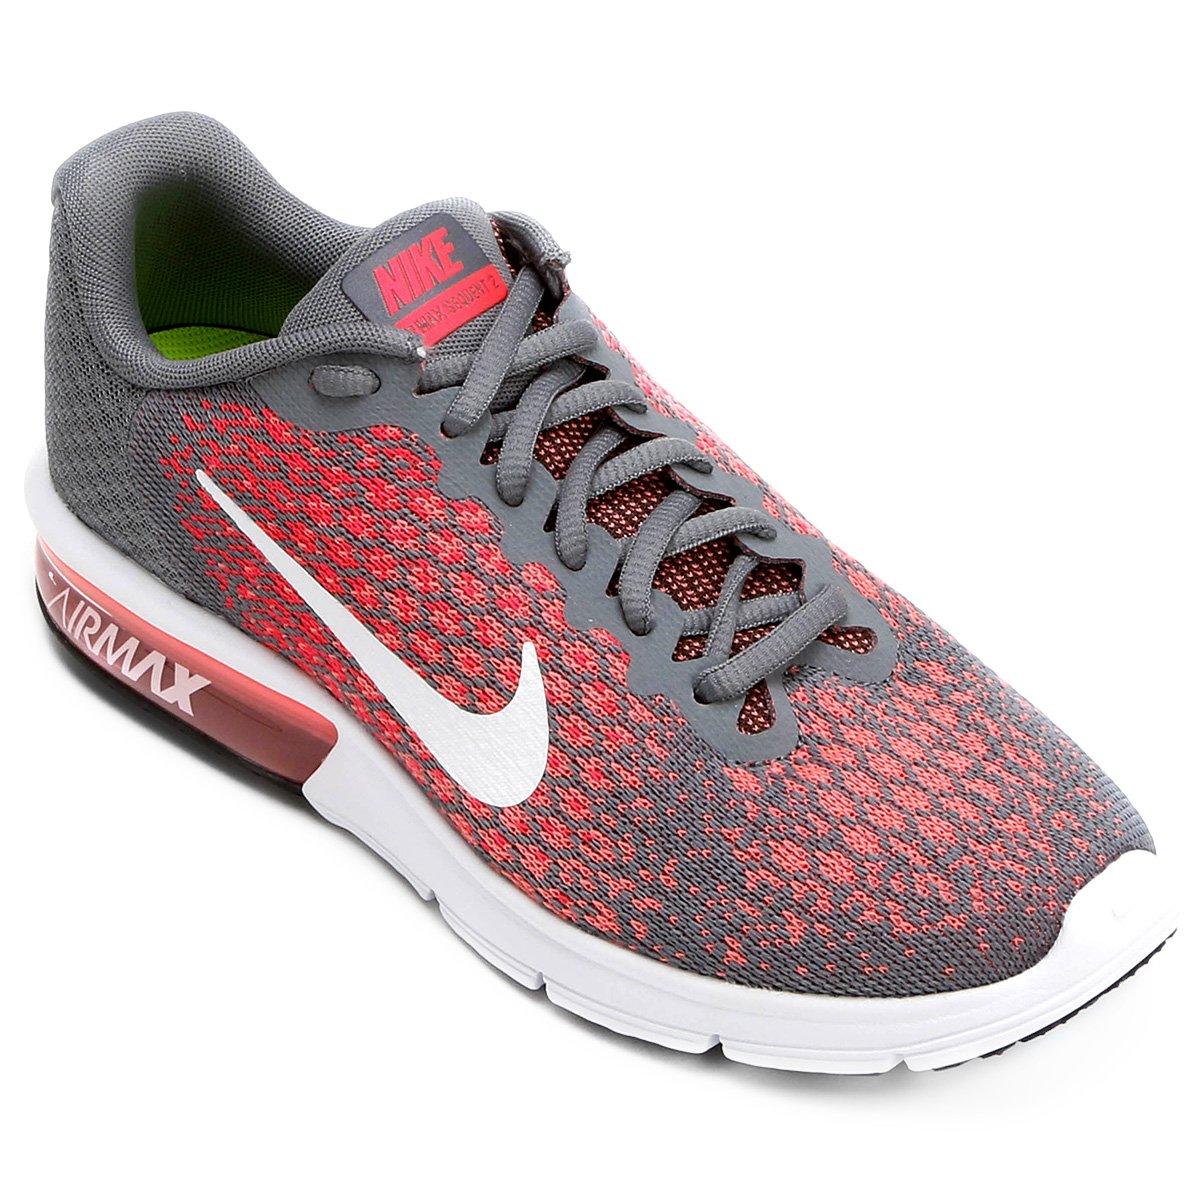 b113ad00c0 Tênis Nike Air Max Sequent 2 Feminino - Cinza e Vermelho | Shop Timão